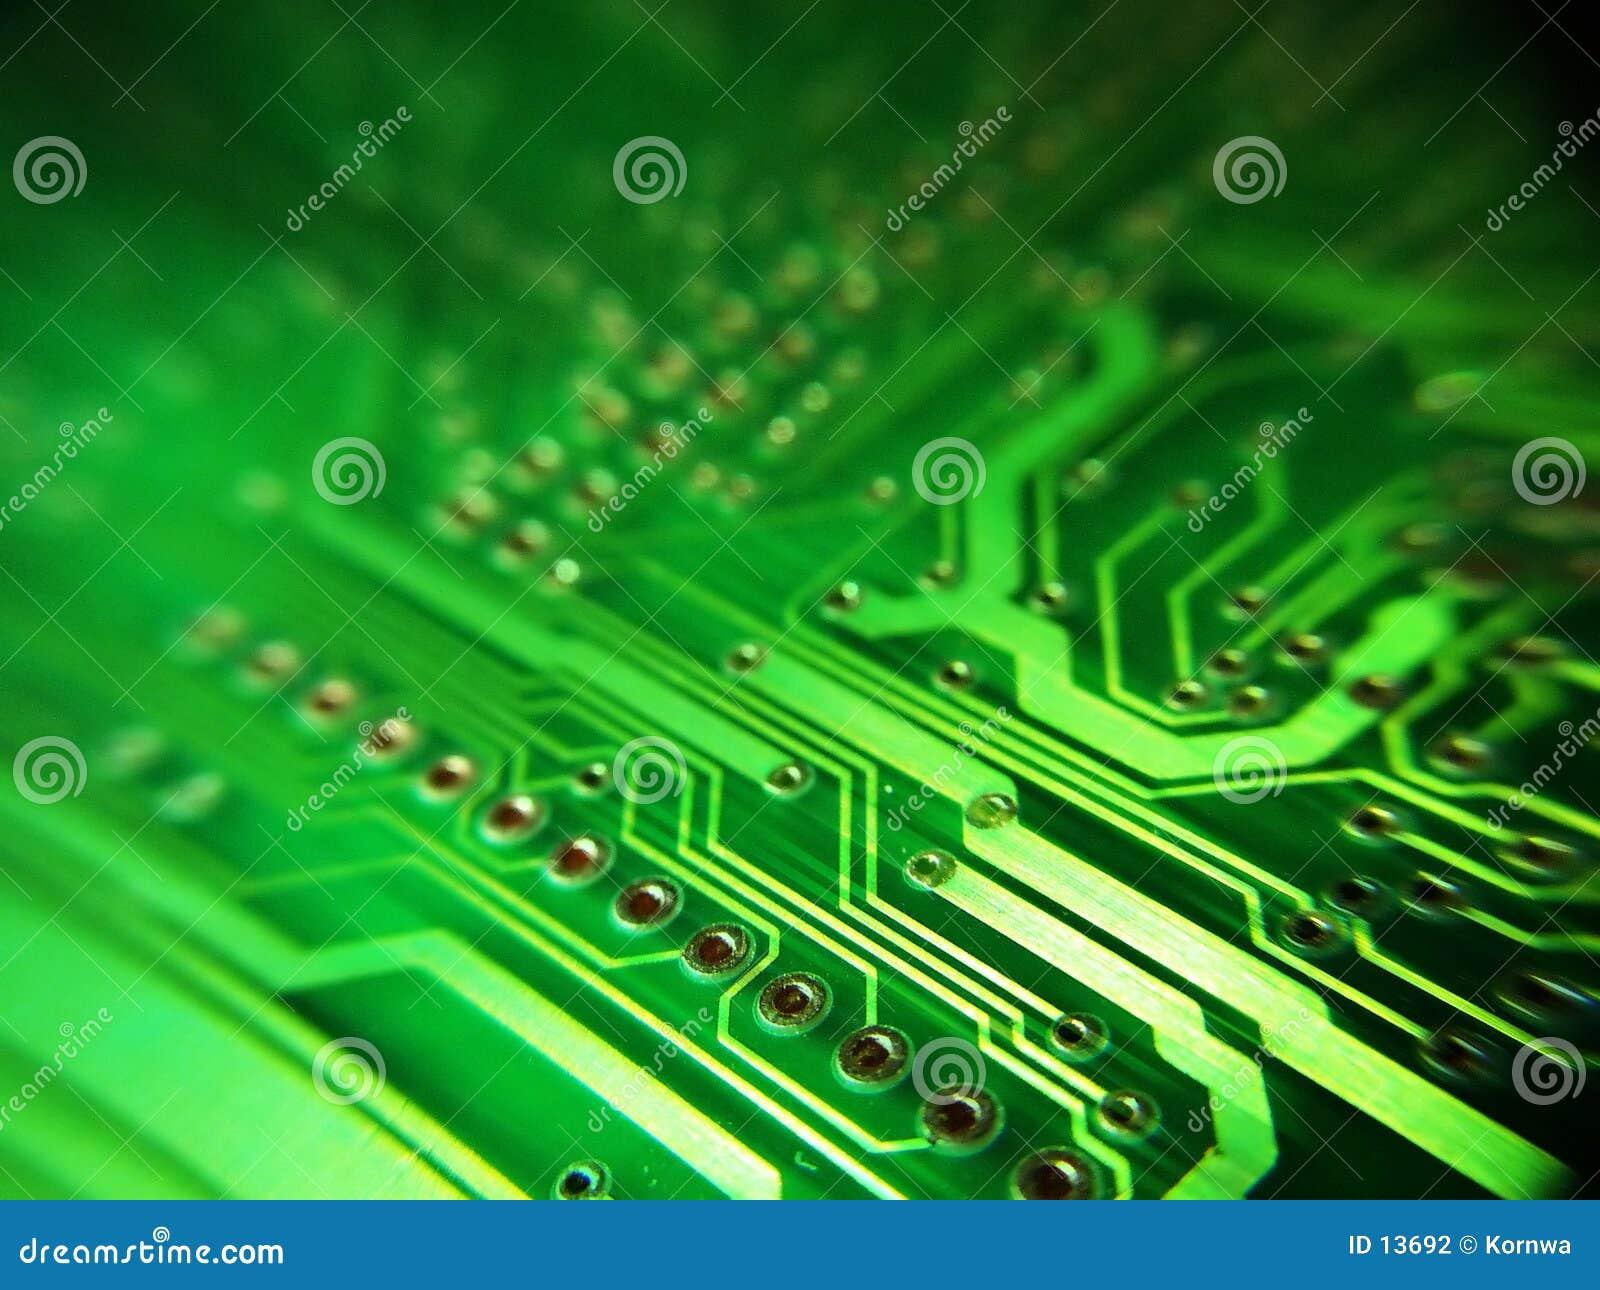 Elektronikflachbaugruppe